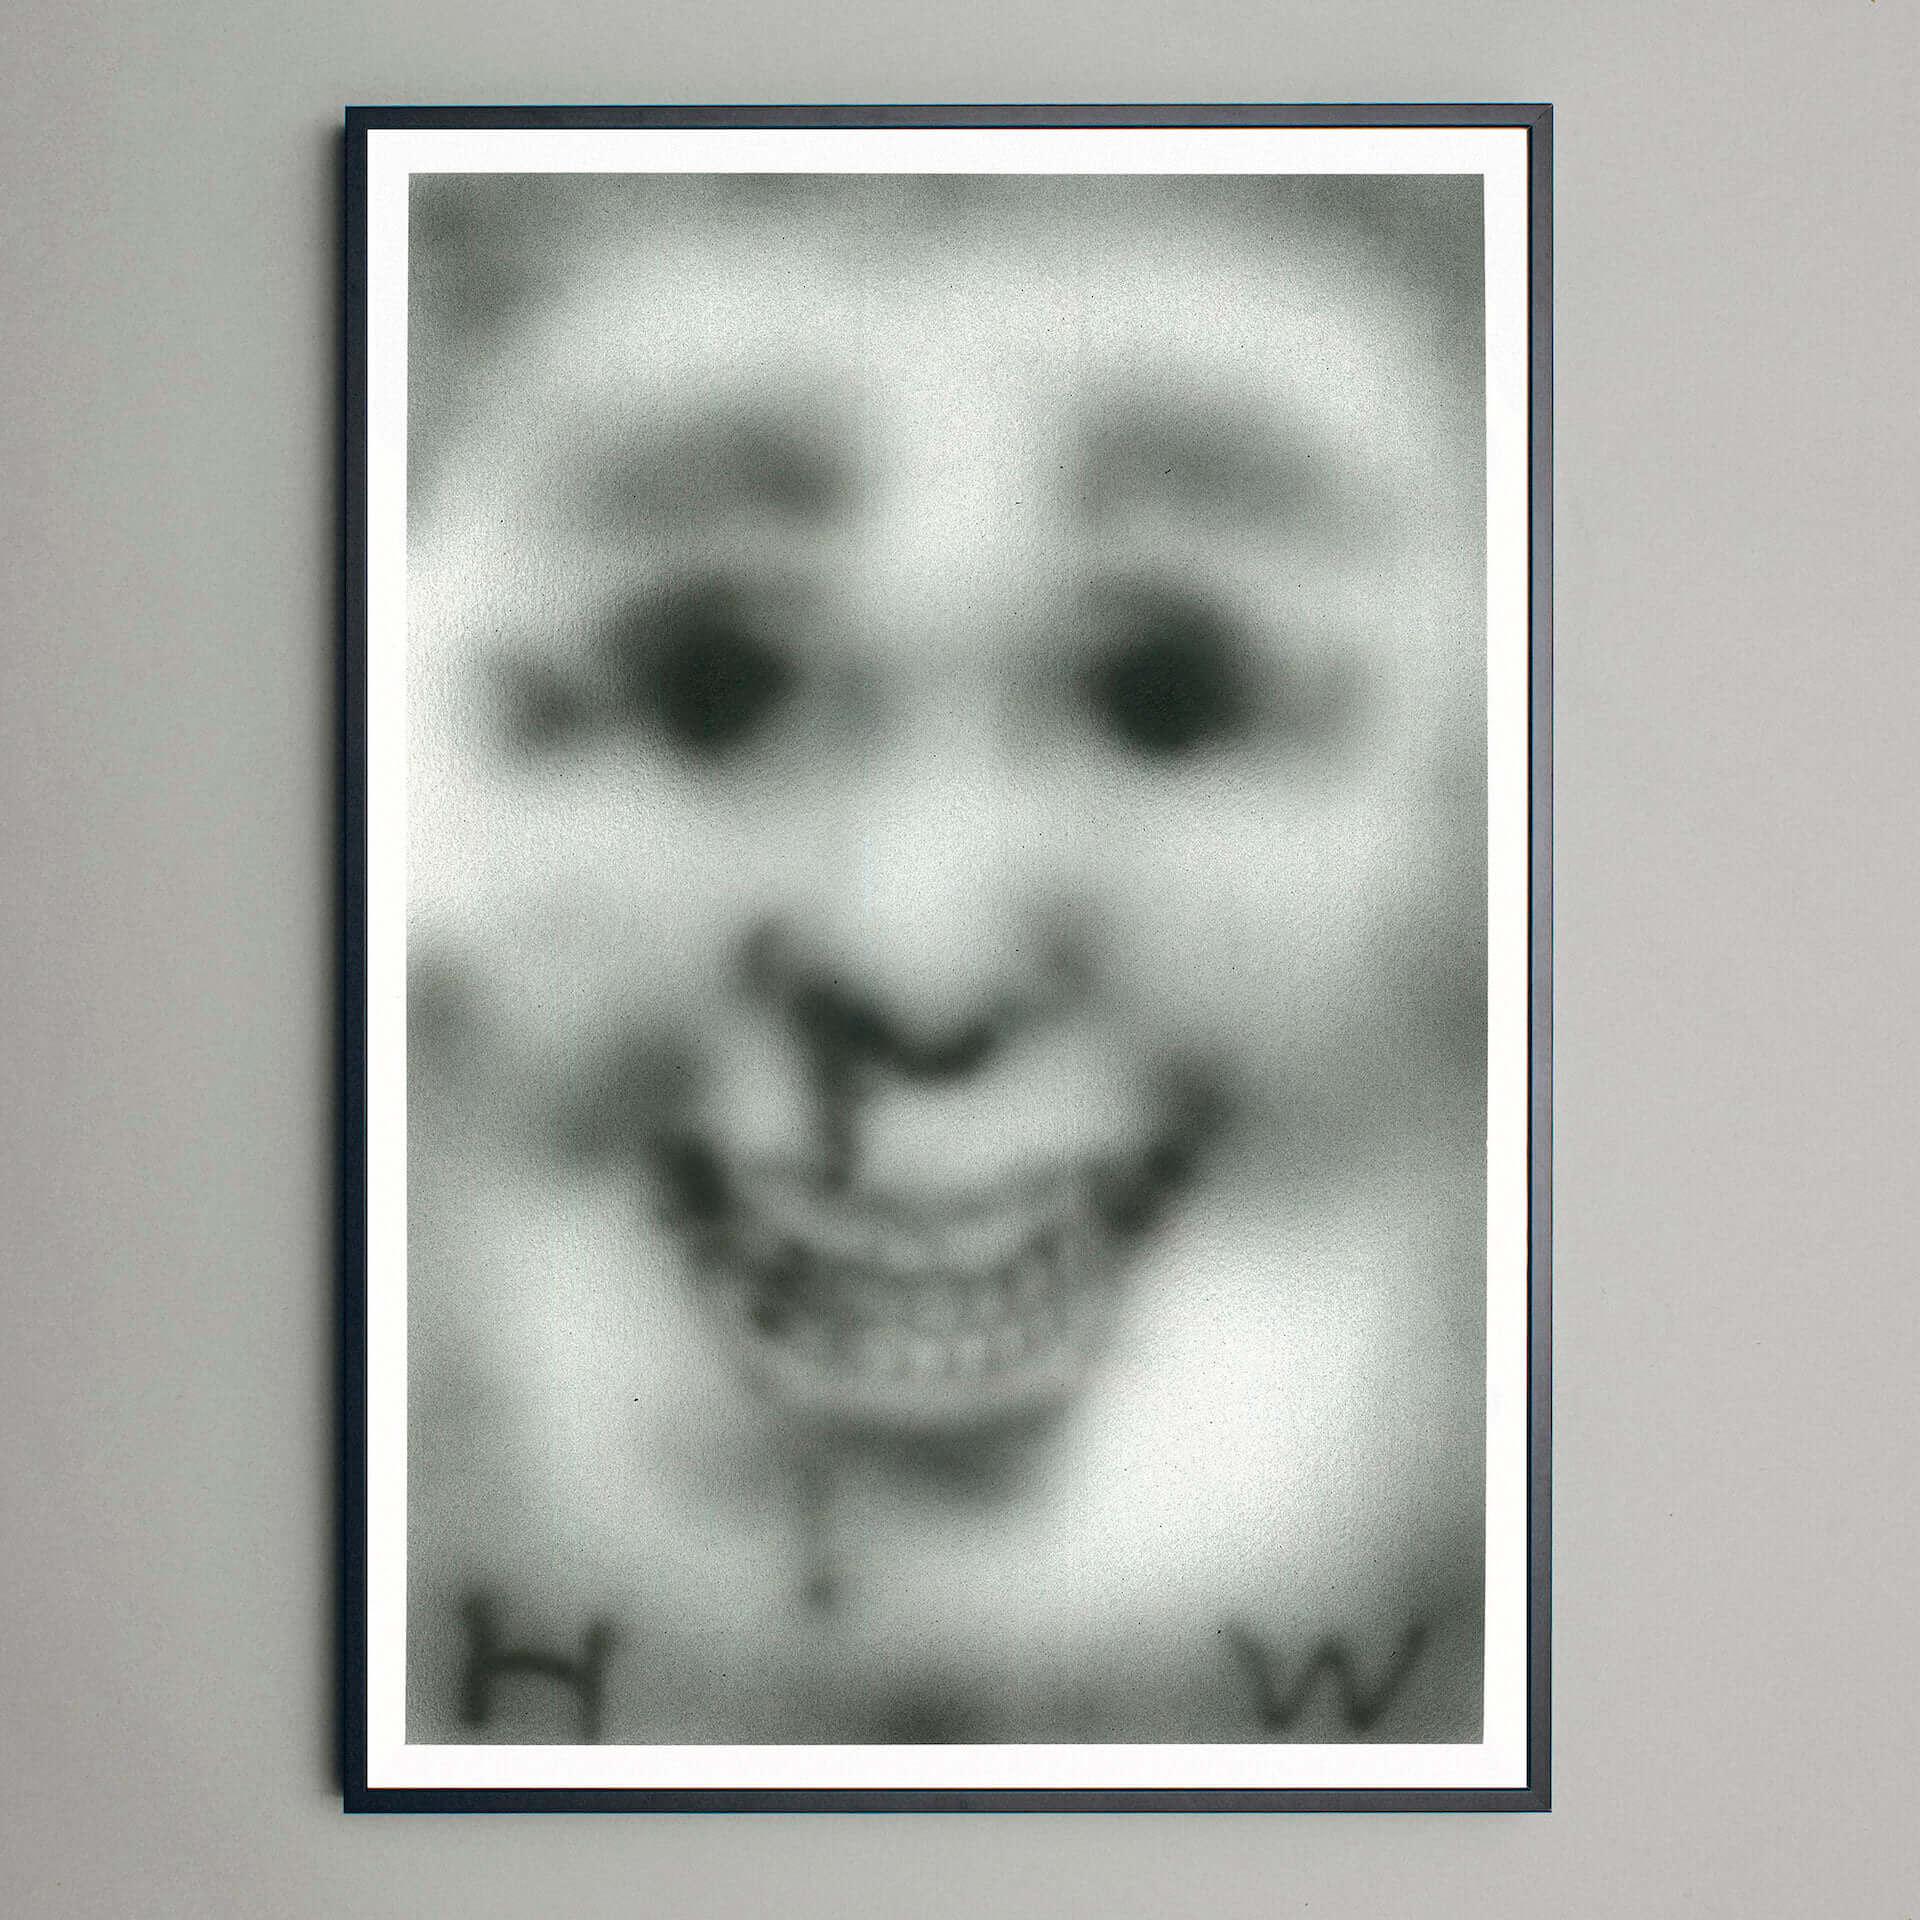 ヒラパー・ウィルソンの個展<TWIG>がLAID BUGにて開催決定!LAID BUGが監修したアートブックも販売 art210208_twig_7-1920x1920